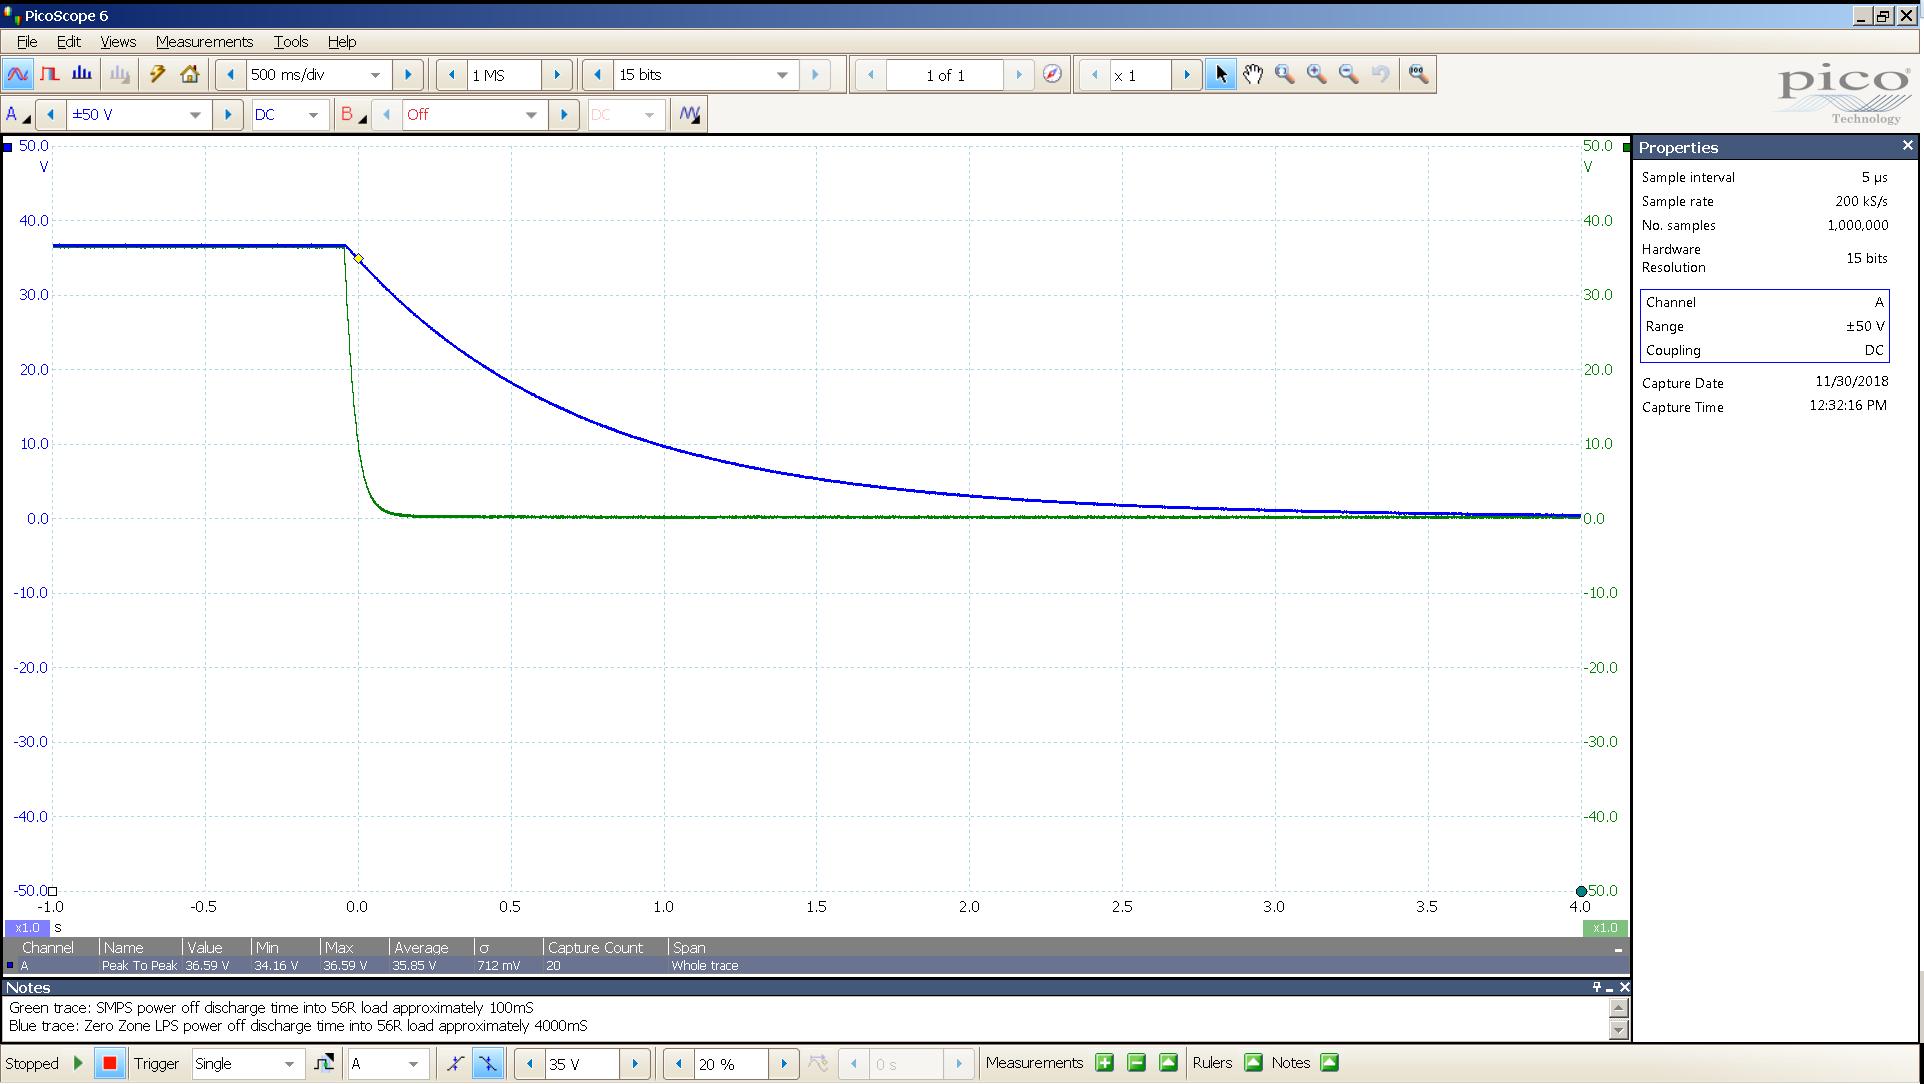 30 20181130 SMPS vs ZeroZone 36V 56R load - power off - 500mS 10V div.png